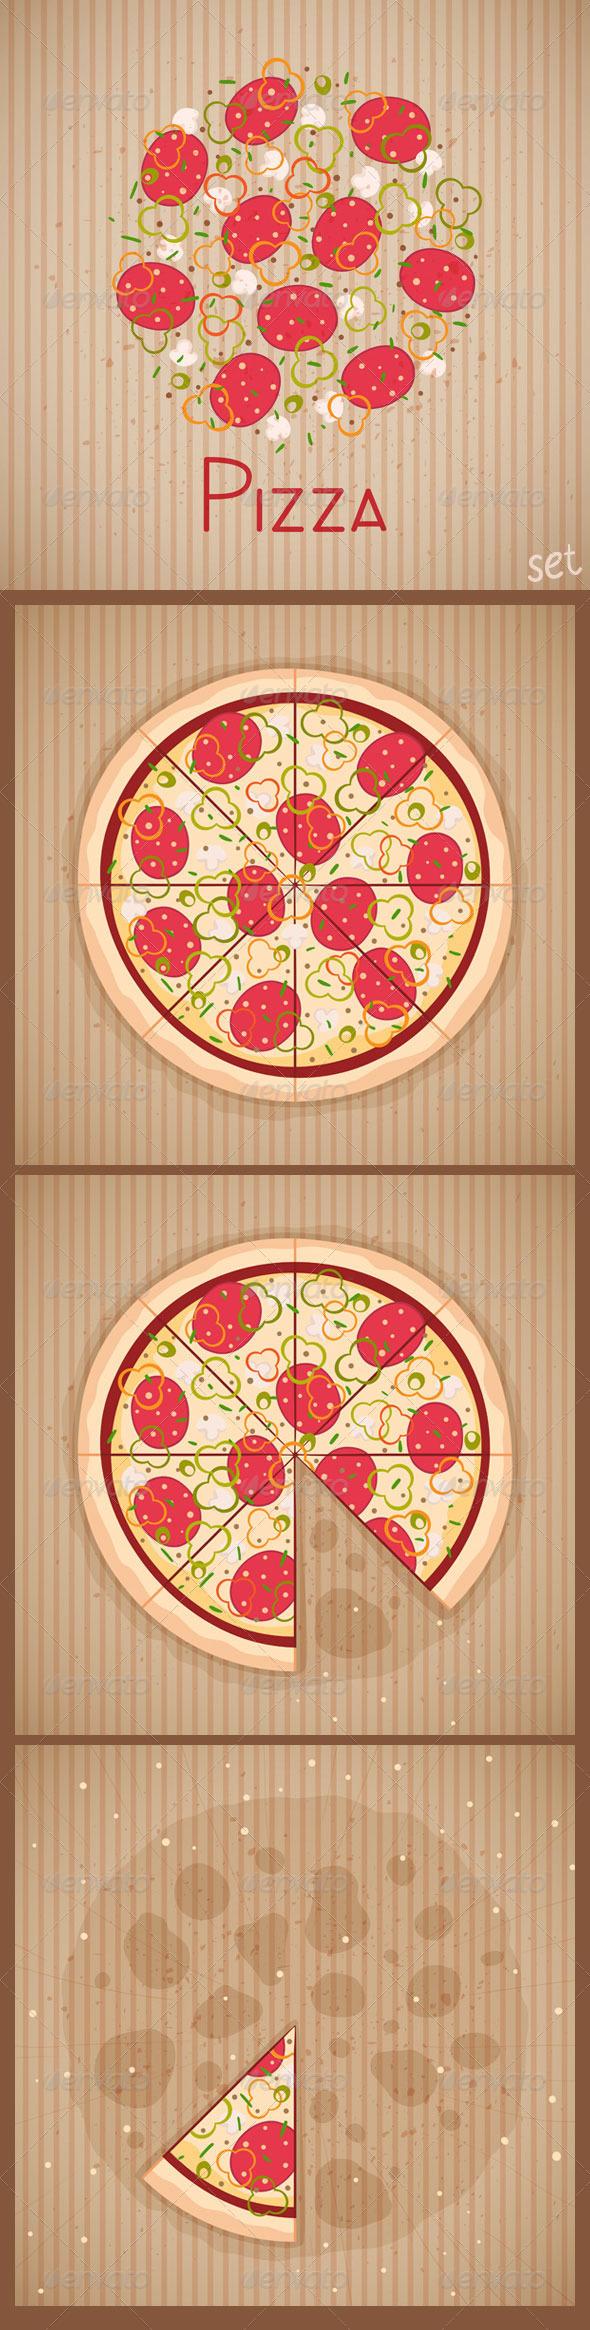 GraphicRiver Pizza 5473095